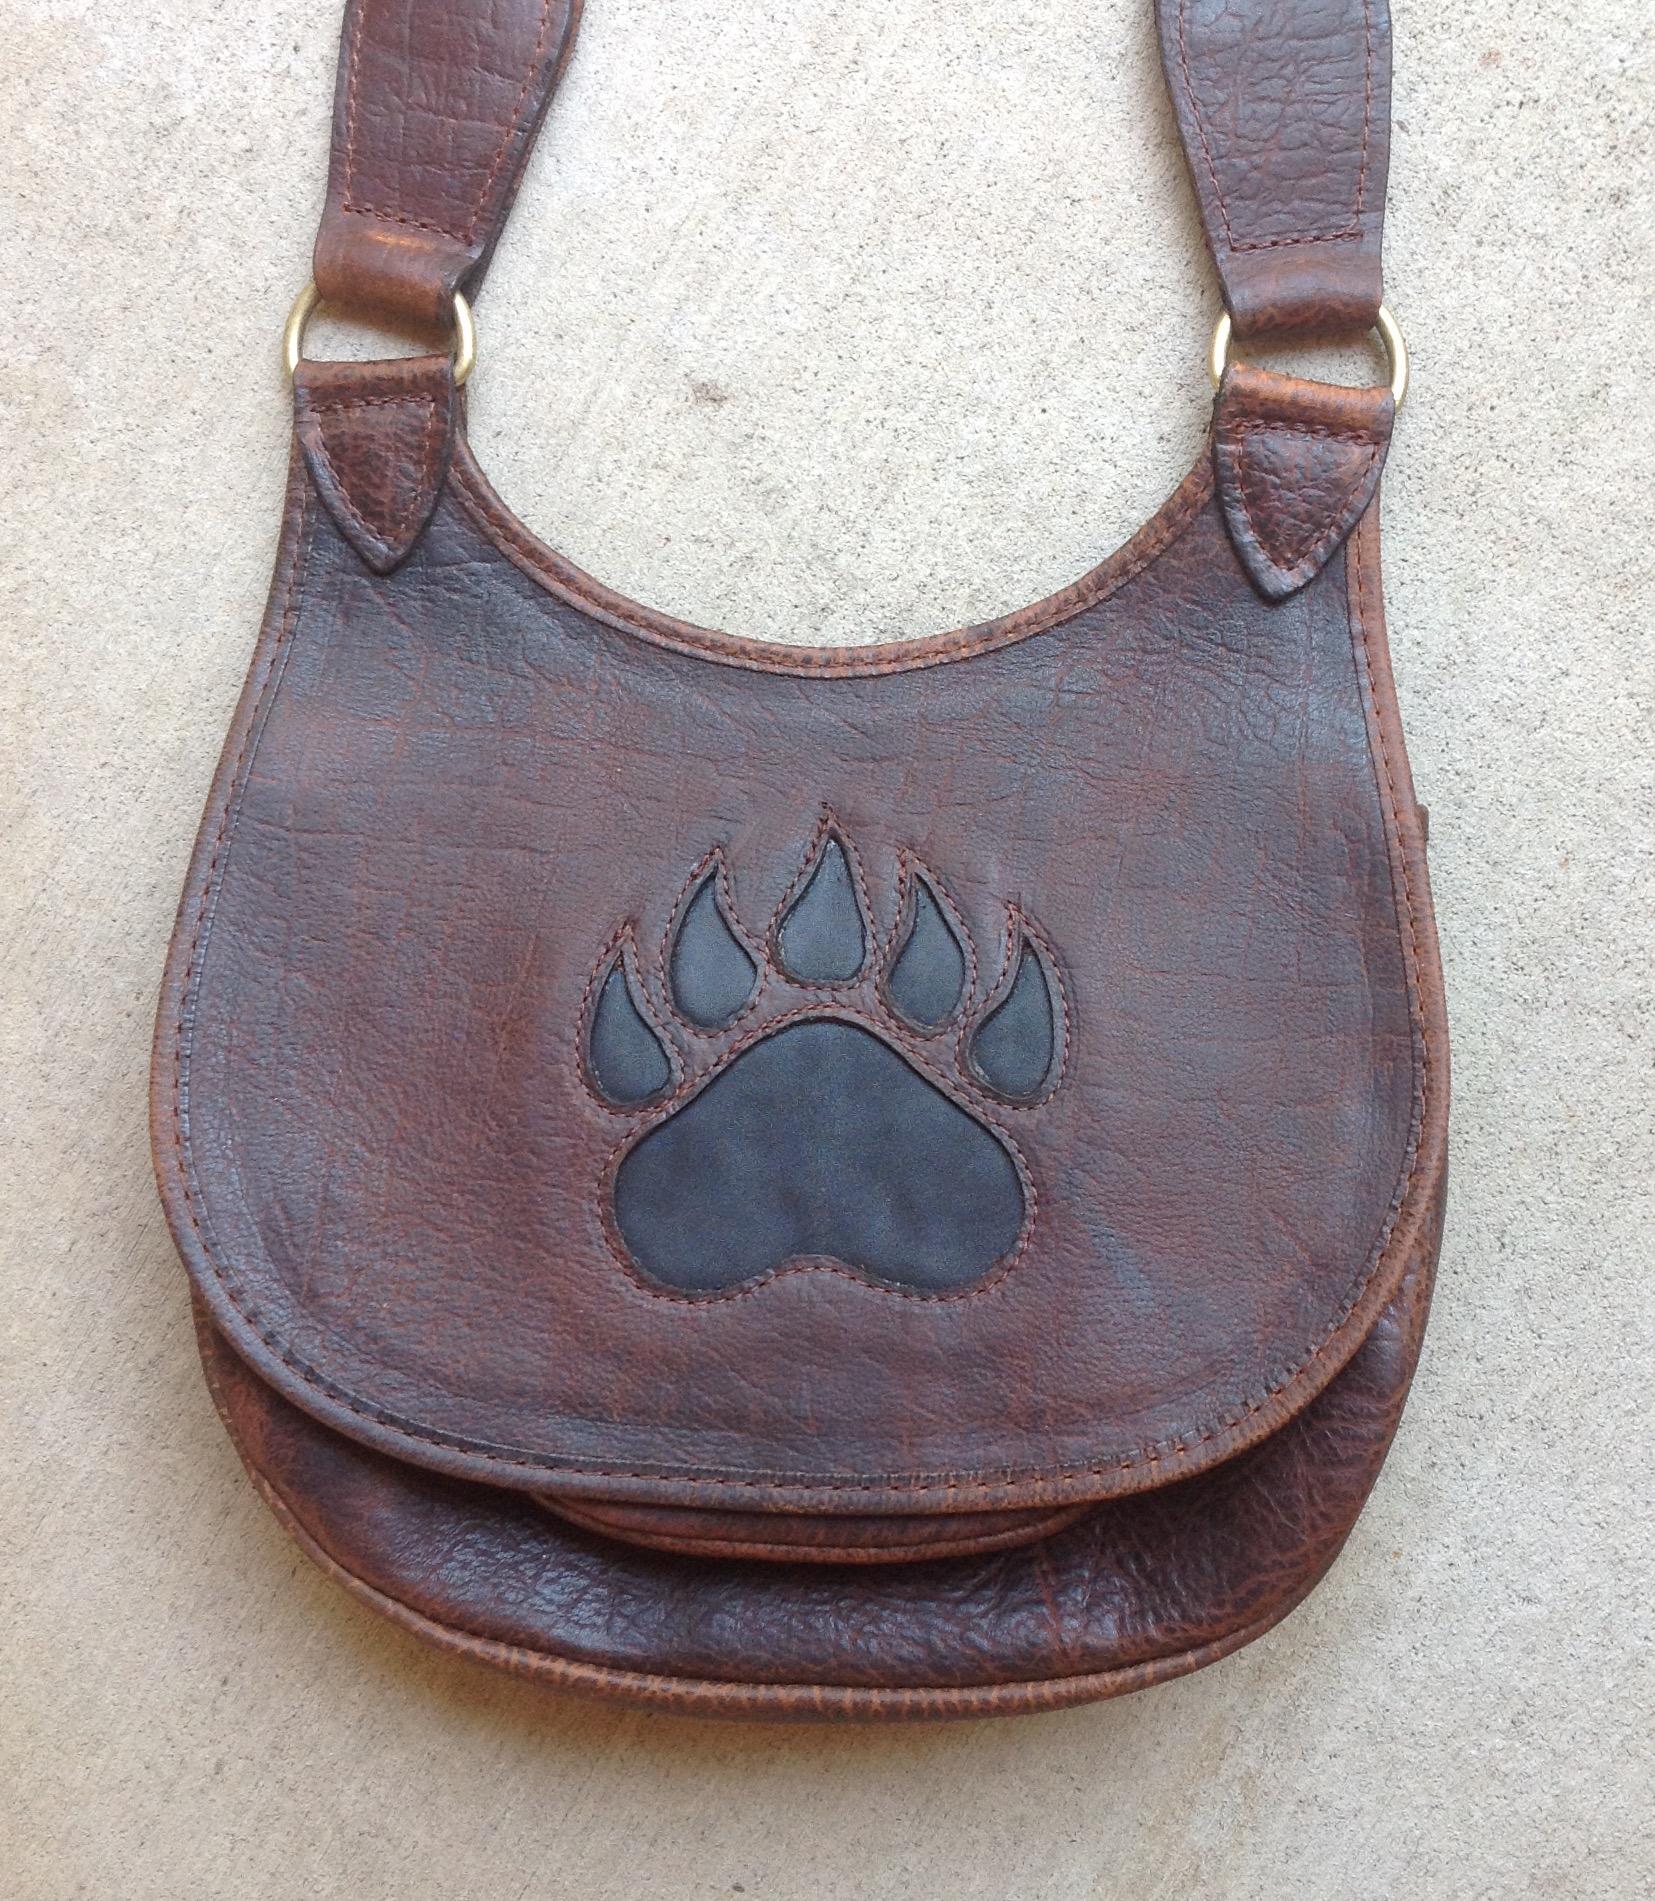 bear-paw-bag.jpg